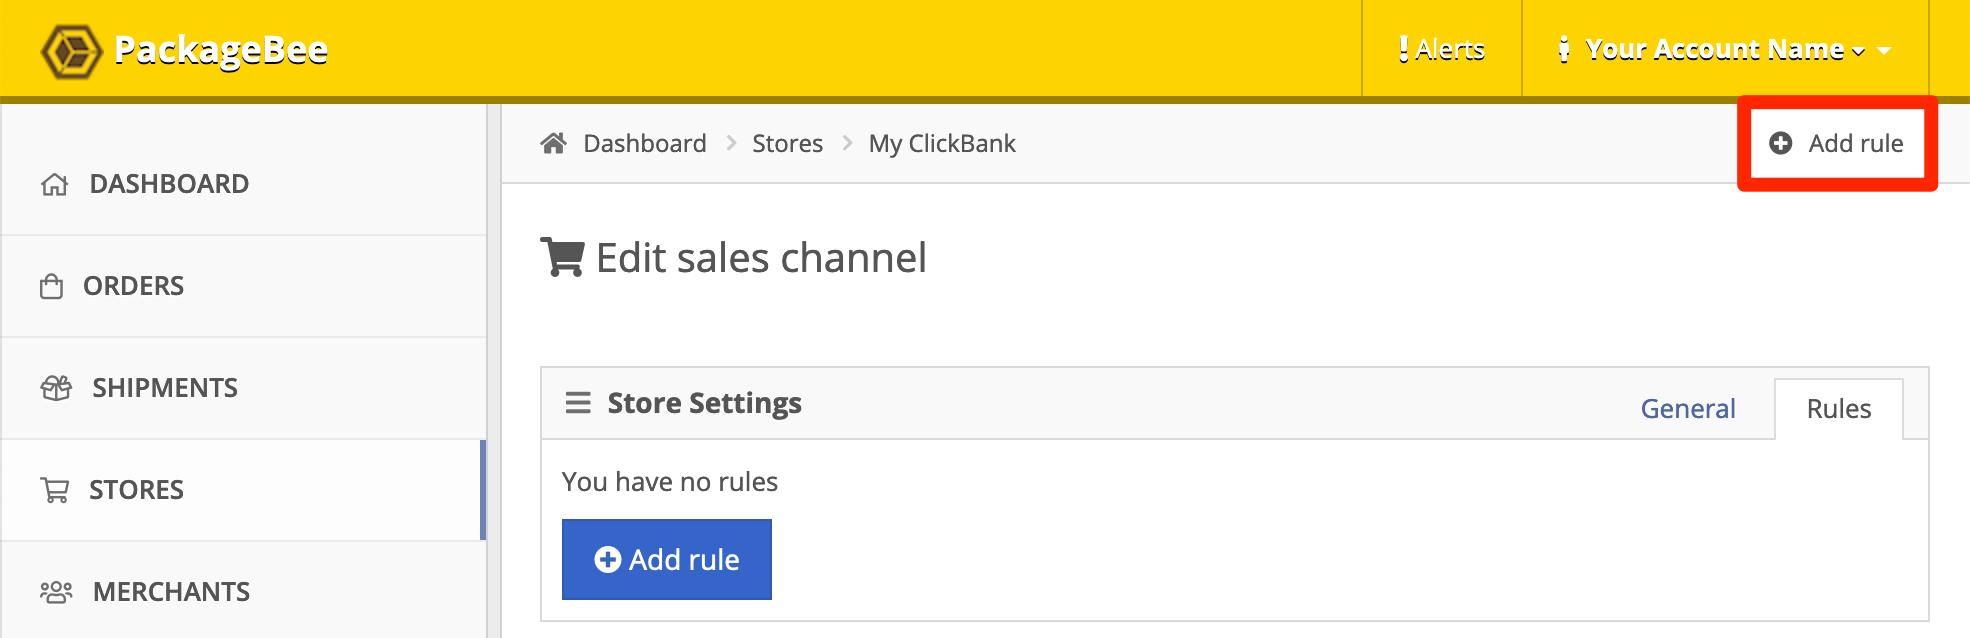 Click Add a Rule.